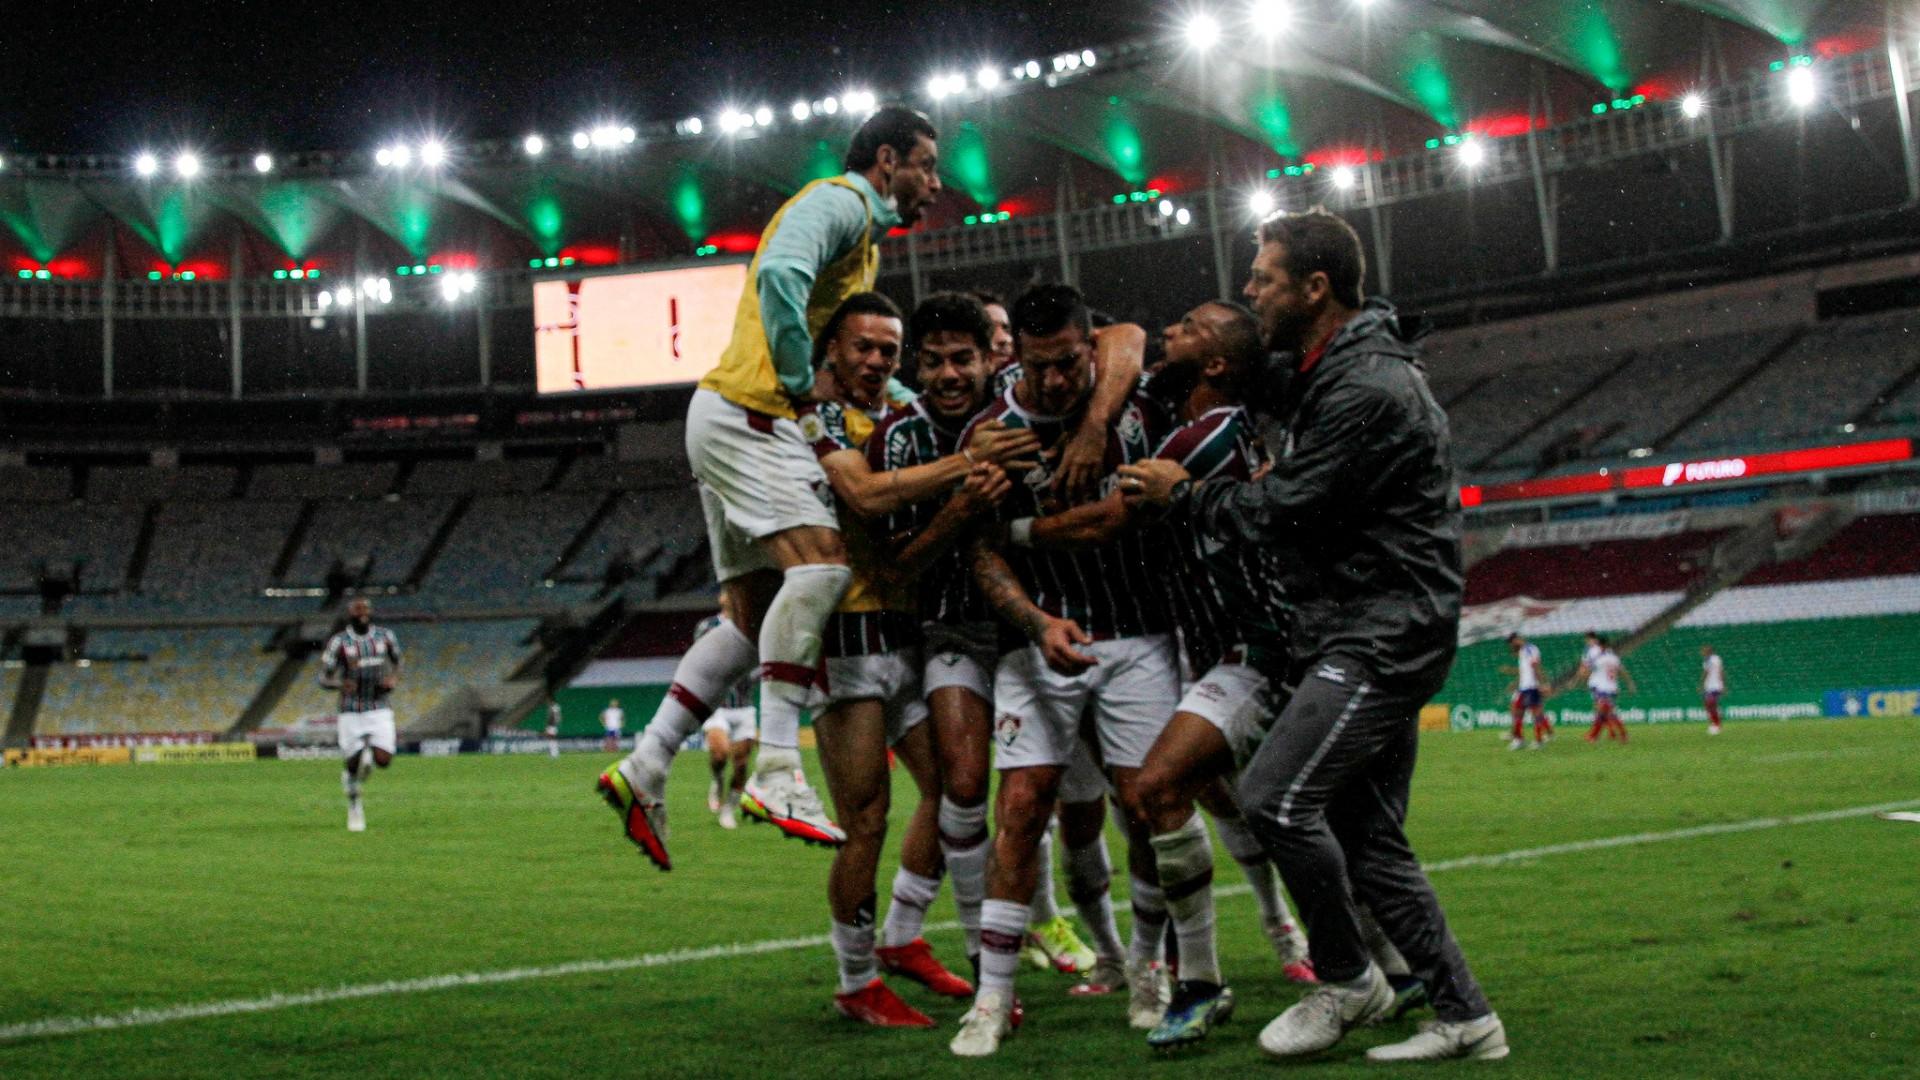 Vídeo de jogador do Fluminense em festa 'viraliza' nas redes sociais; veja